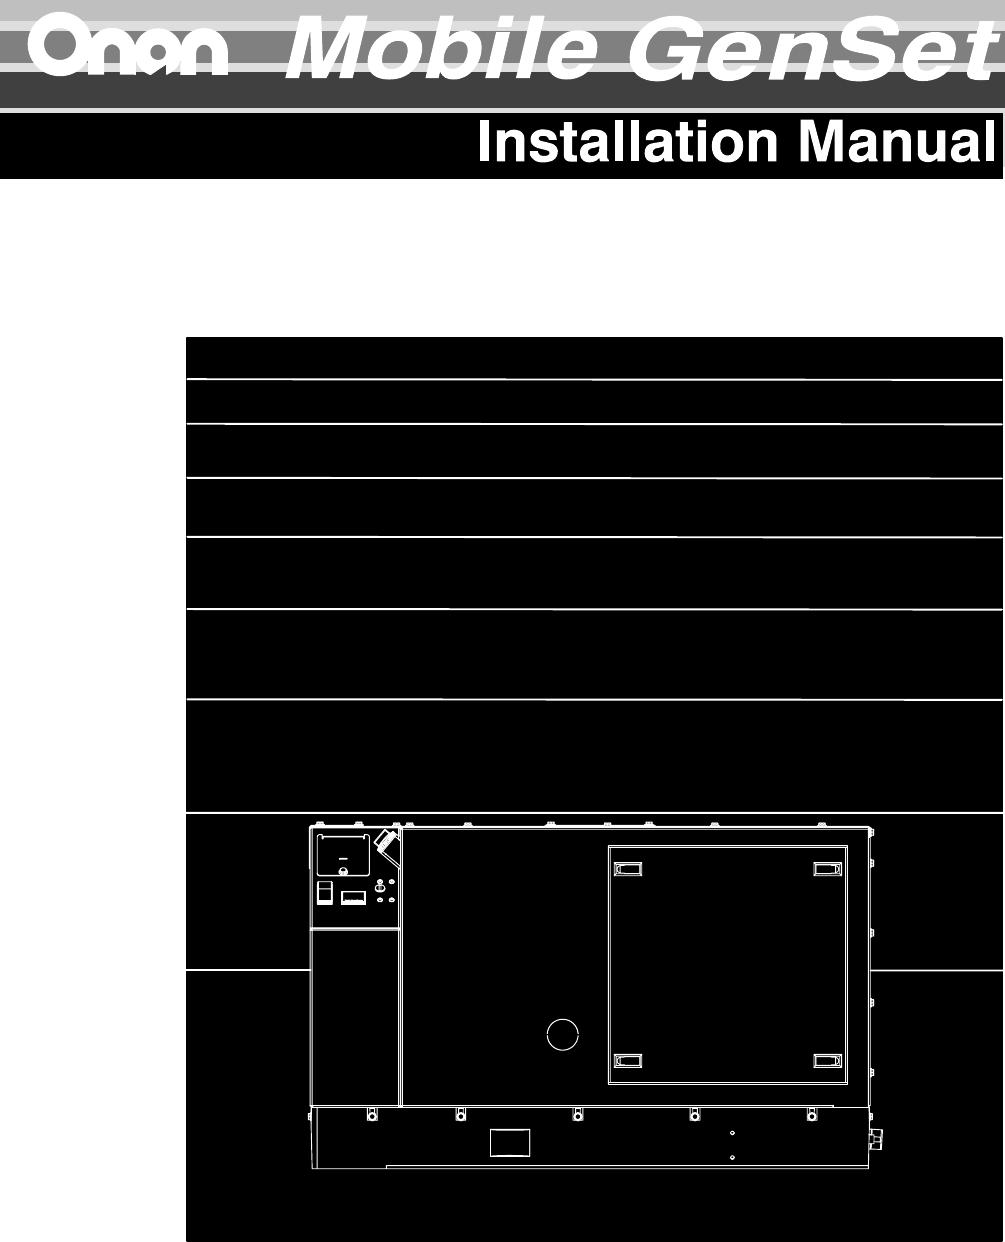 Hdkaj Onan Generator Wiring Diagram Trusted Schematics 1977 981 0623 Ilboo 0623b Hdkak Spec A H Hdkat Hdkau E Microlite 4000